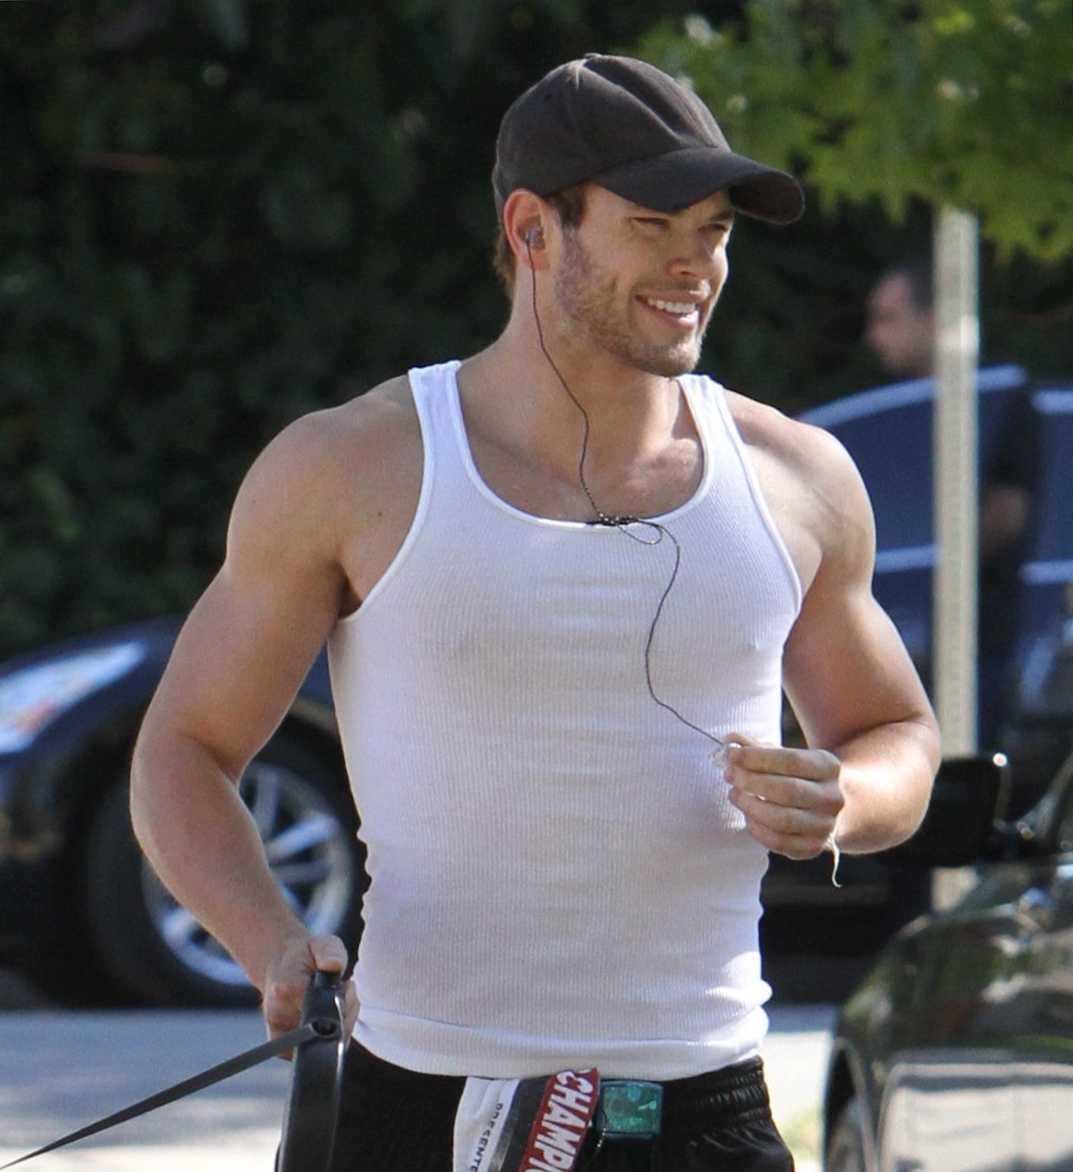 25-åringen är på strålande humör och visar att han kört en del på gymmet med.